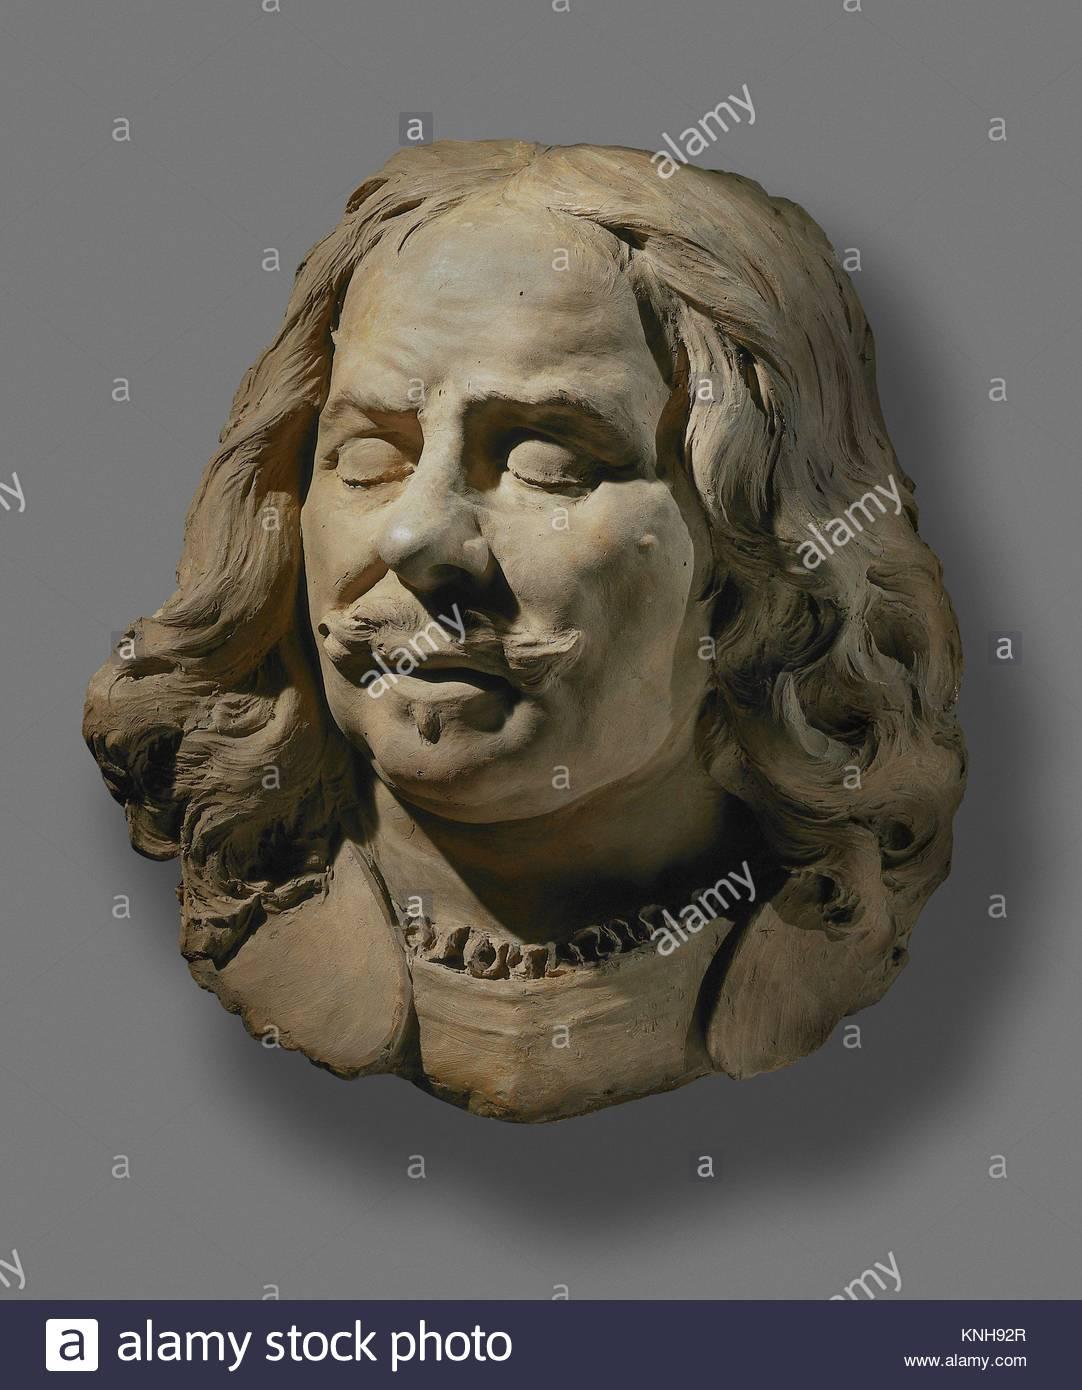 Clay terracota bust Portrait of Michiel de Ruyter, sculptor Rombout Verhulst, 1677 - 1681, Rijksmuseum, Netherlands - Stock Image